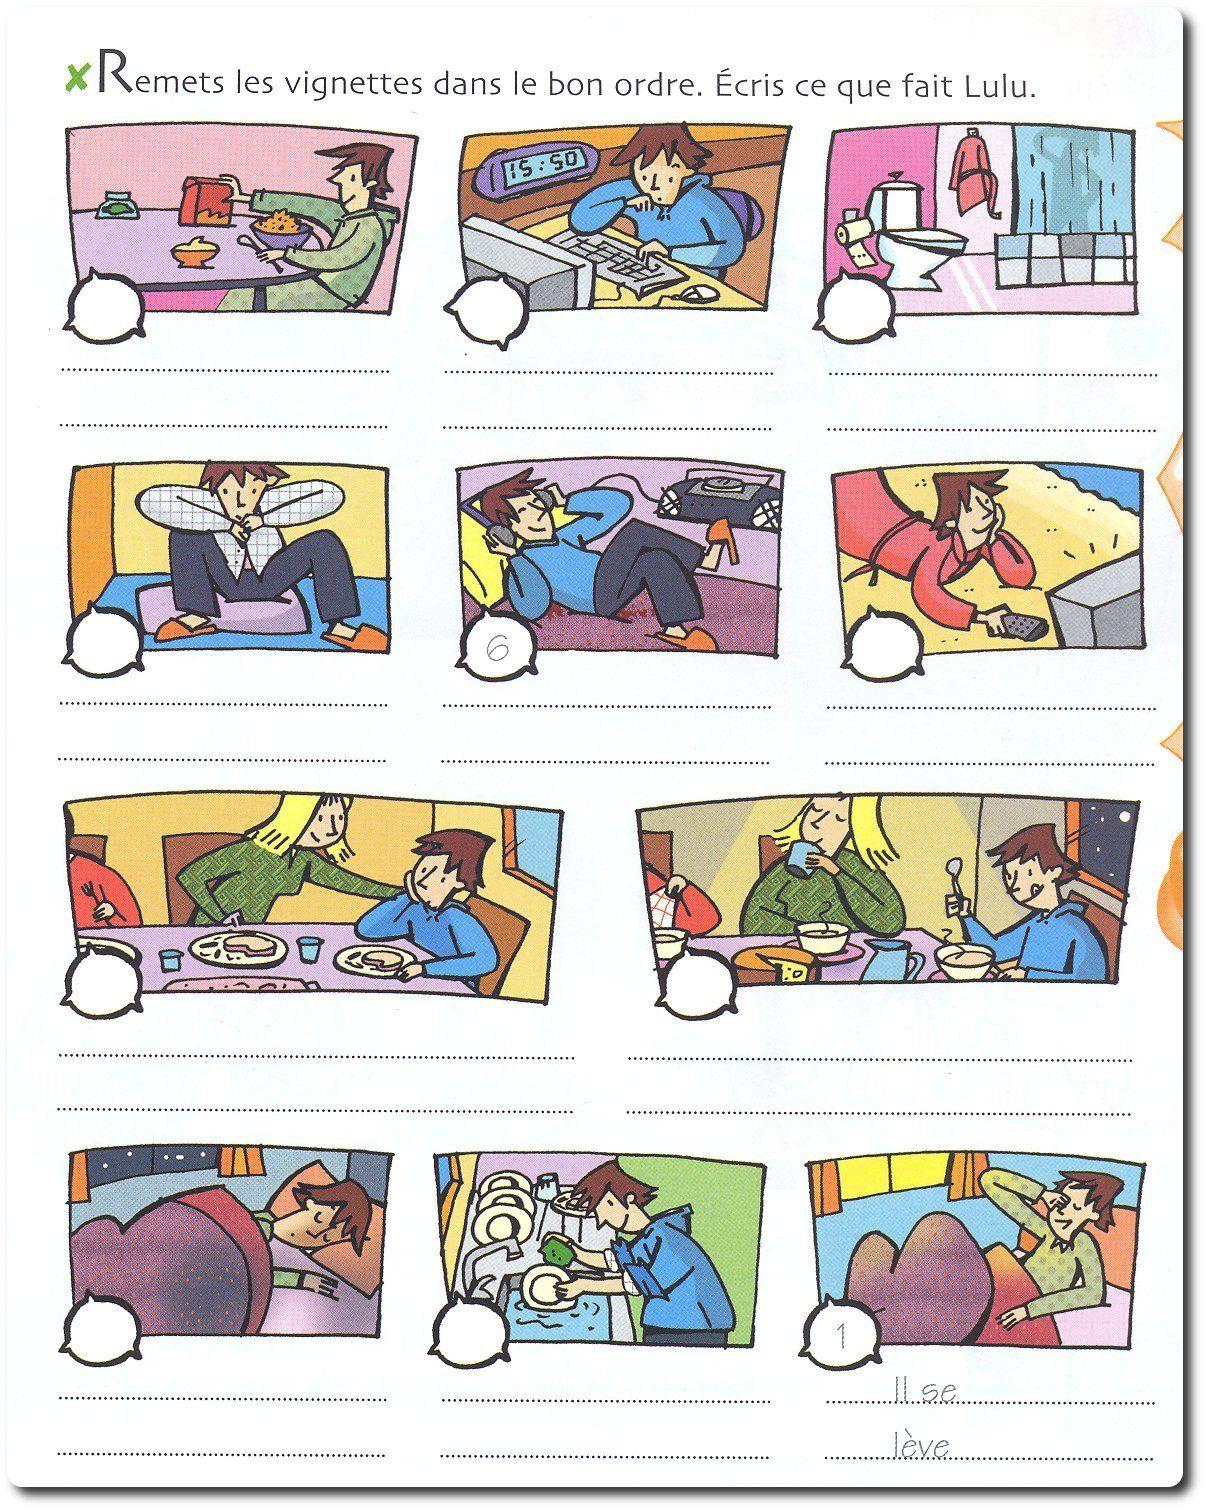 les activit s quotidiennes literacy pinterest la routine exercices et activit s quotidiennes. Black Bedroom Furniture Sets. Home Design Ideas